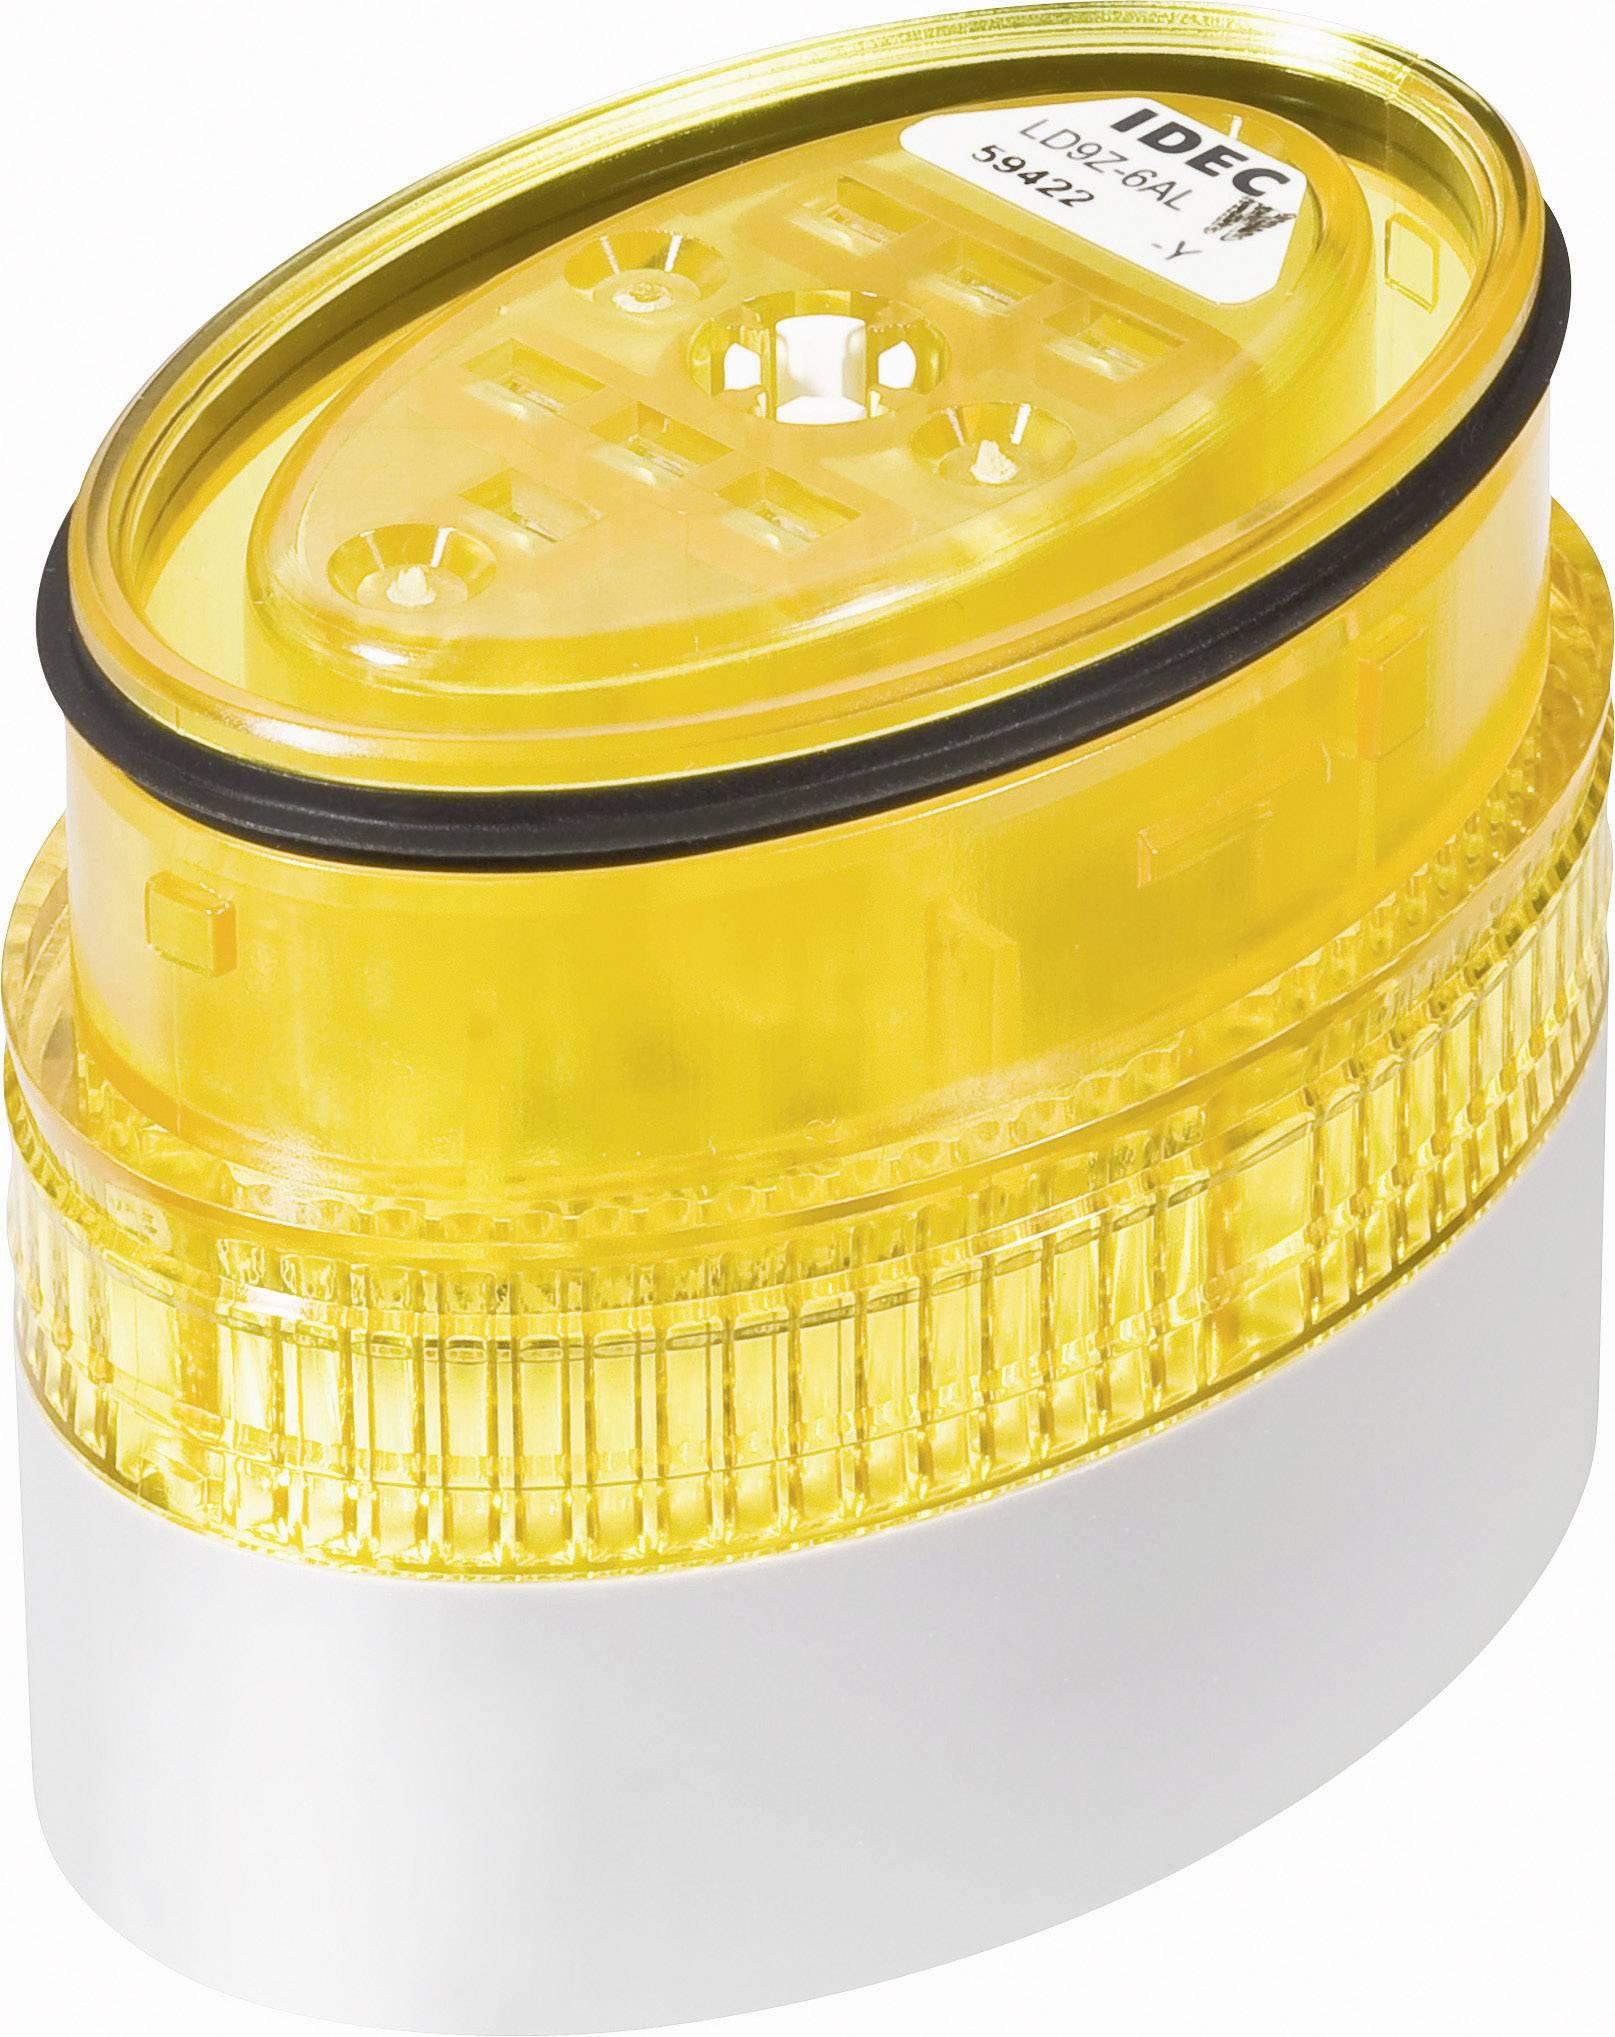 Súčasť signalizačného stĺpika LED Idec LD6A, 24 V/DC, 24 V/AC, žltá